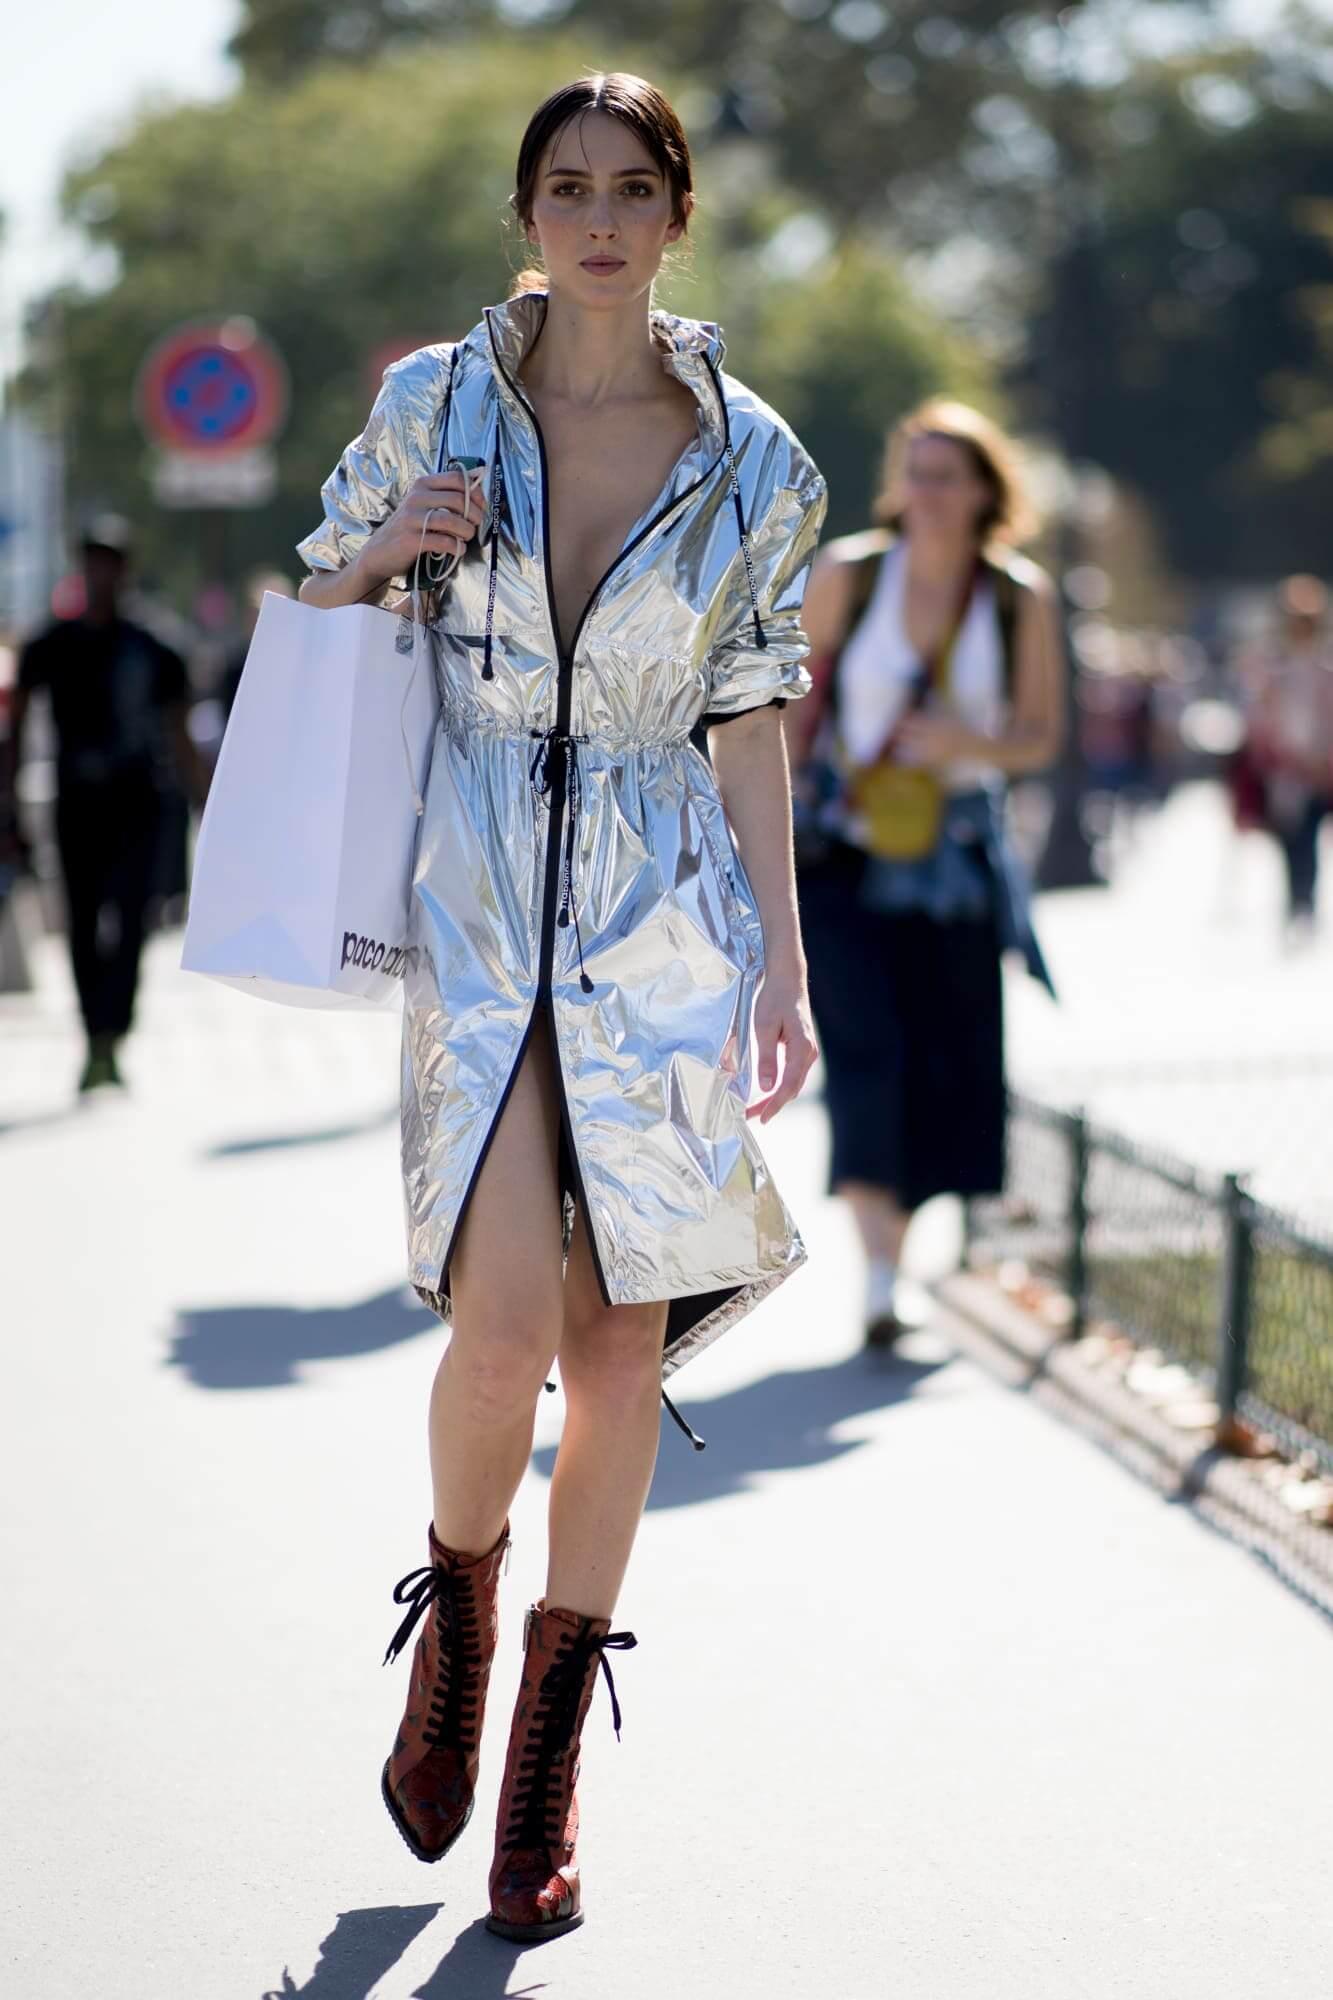 paris-fashion-week-spring-2019-street-style-day-4-30